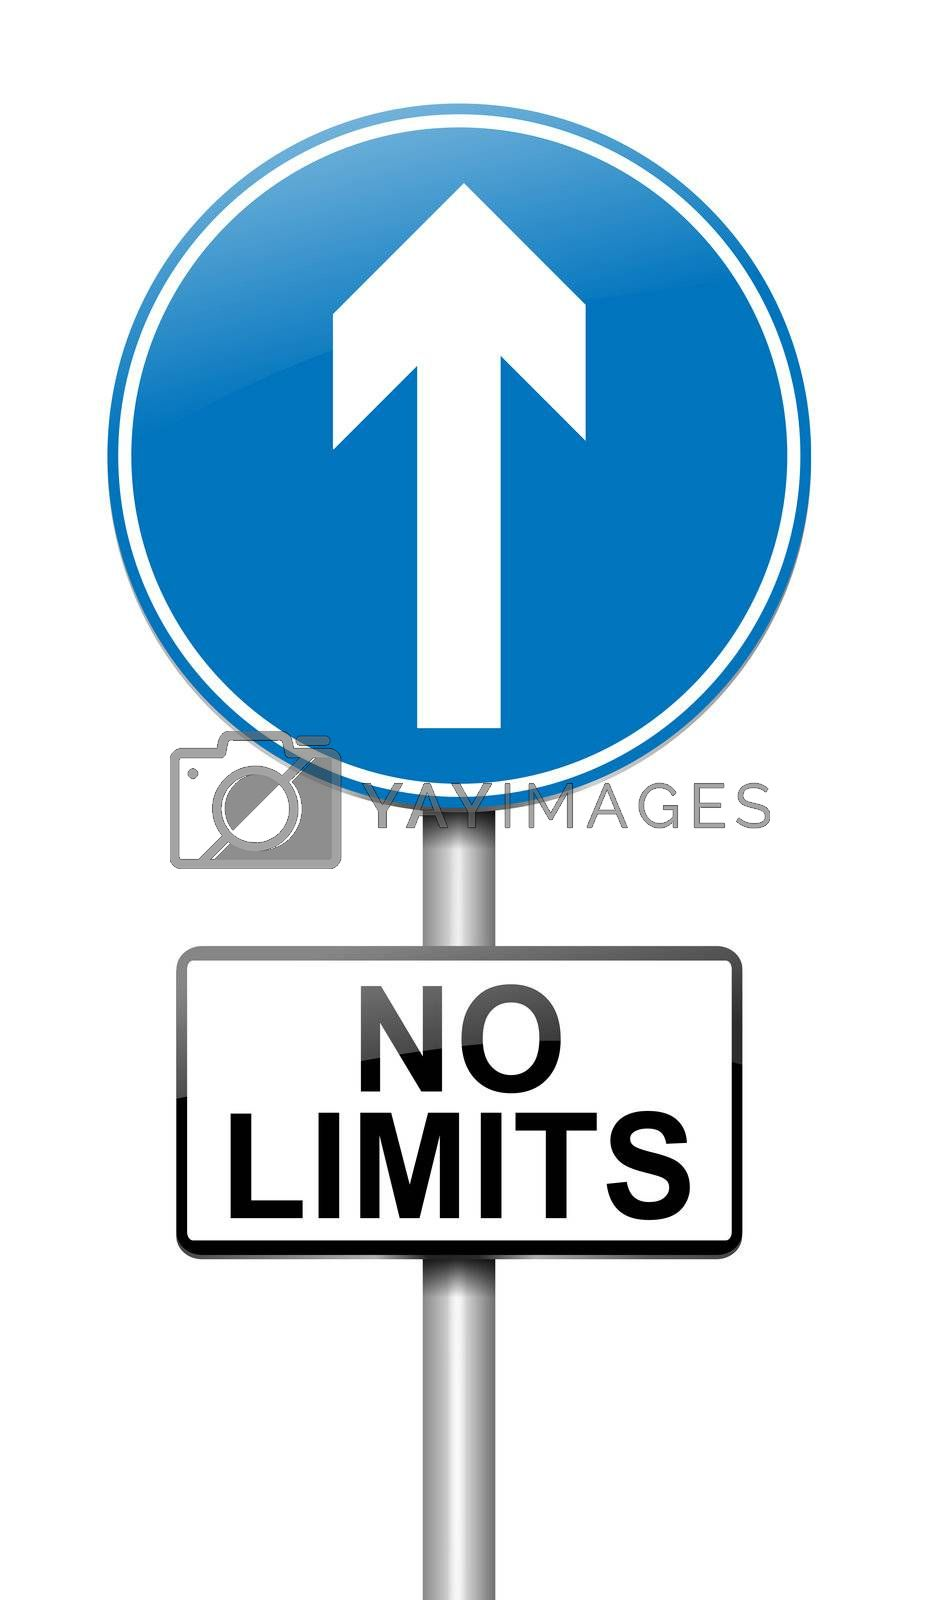 No limits. by 72soul